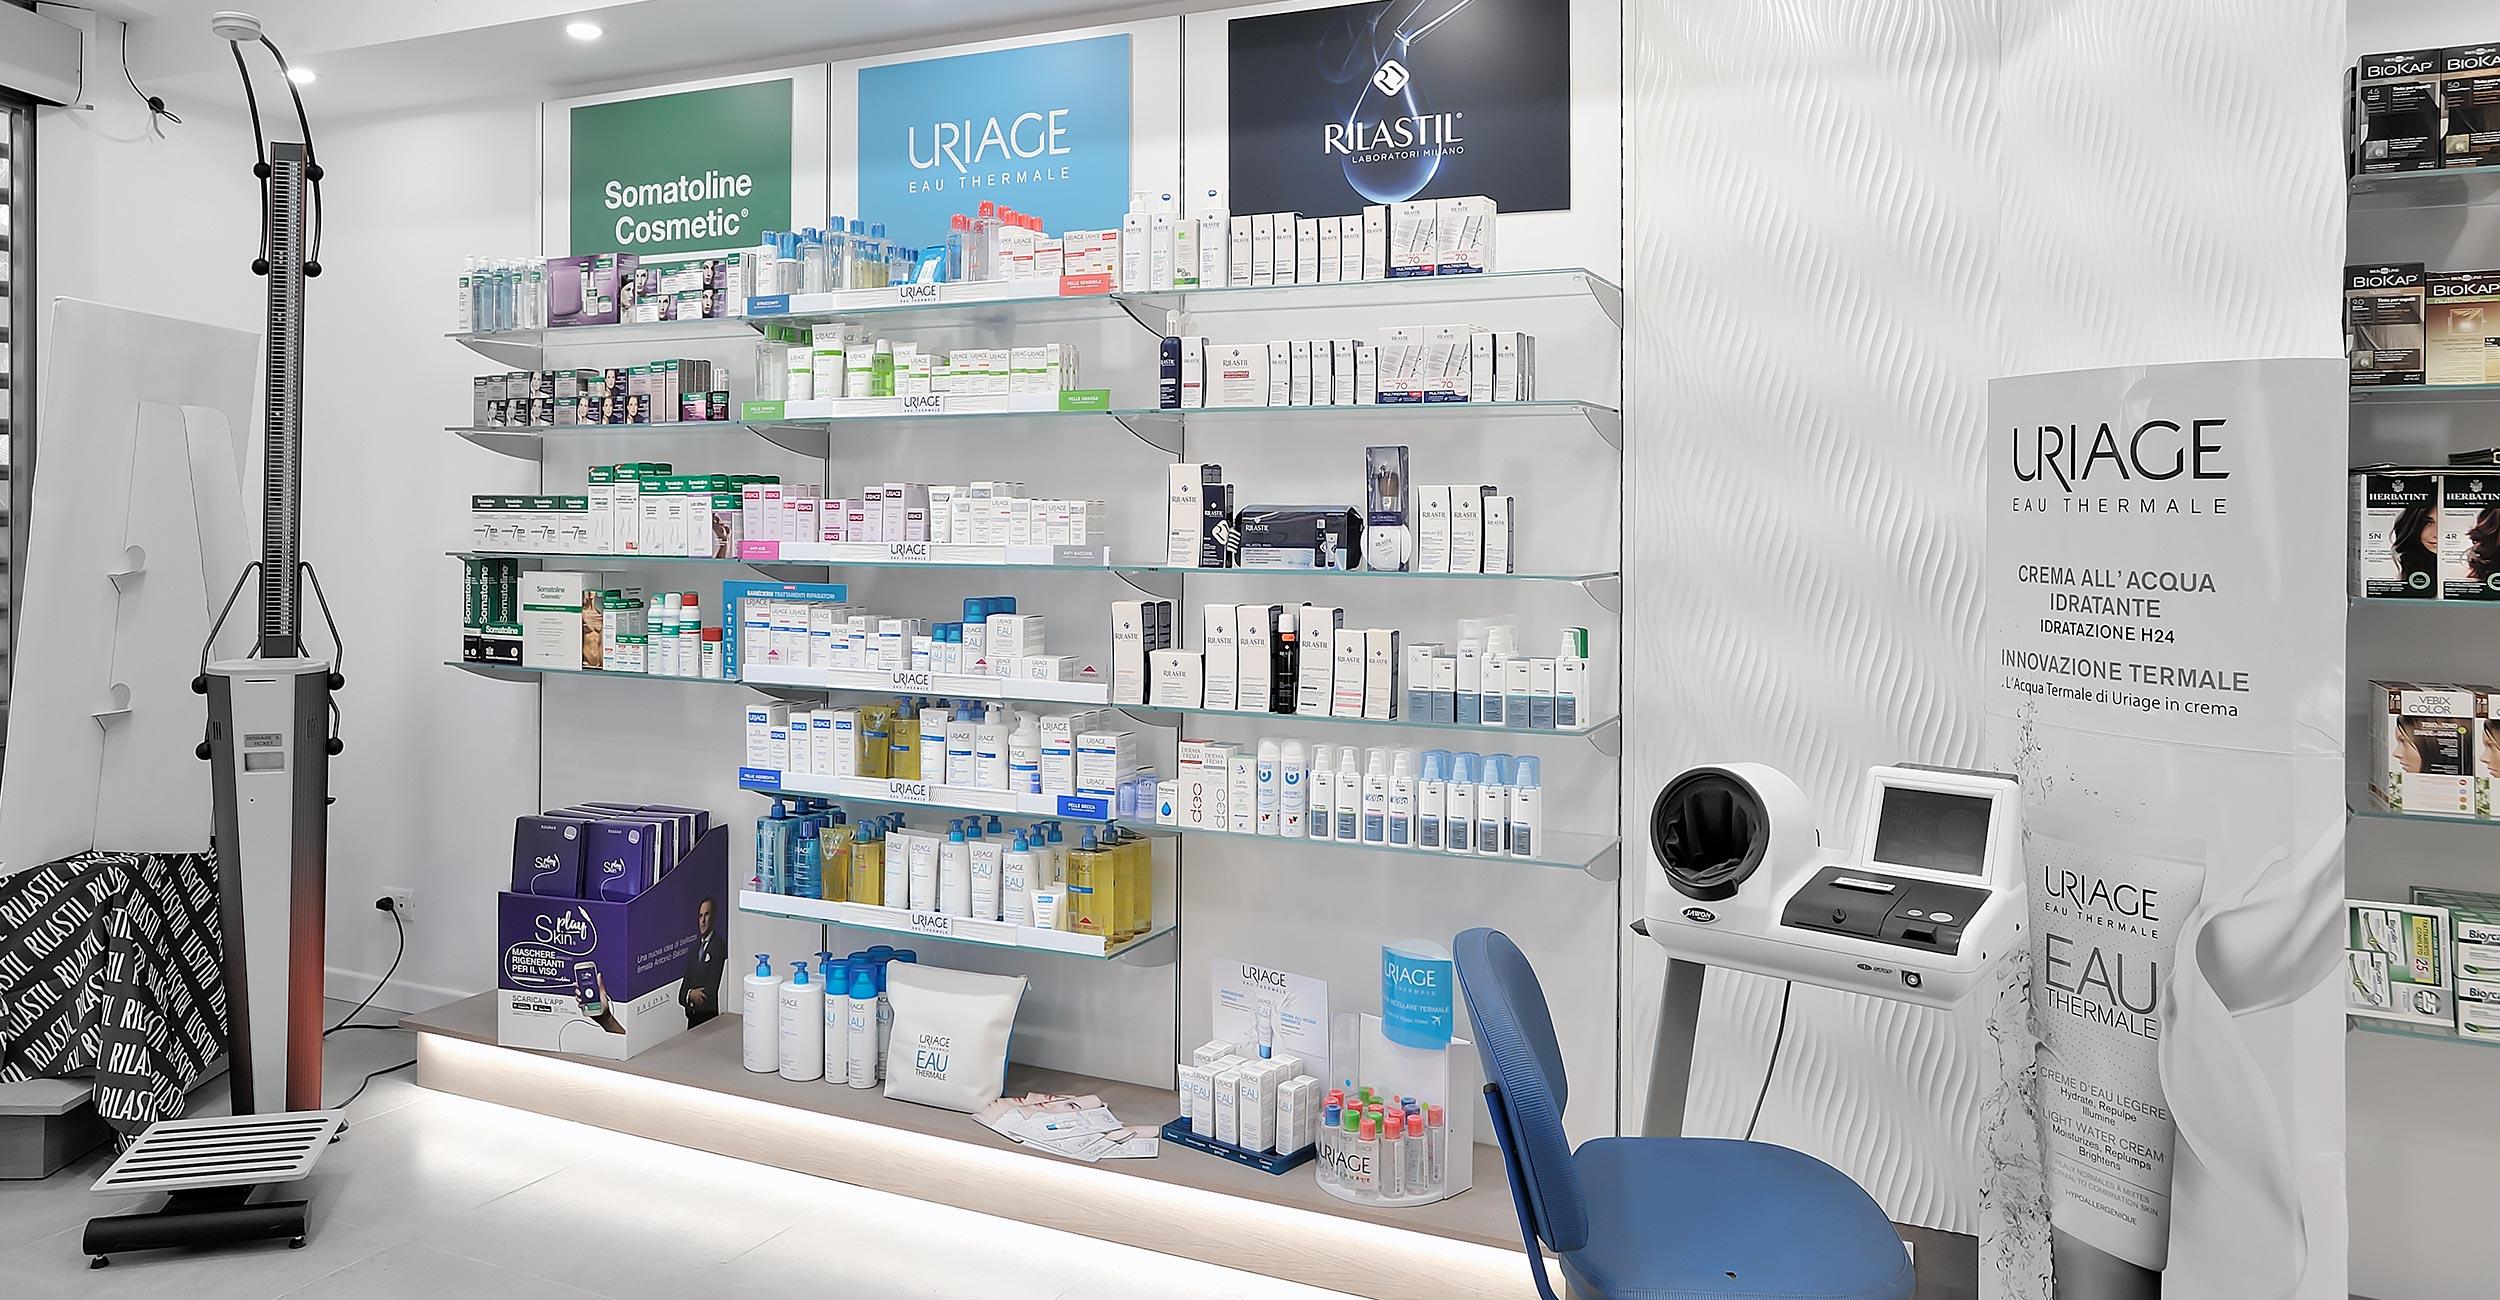 I Servizi della Farmacia Strasburgo di Palermo